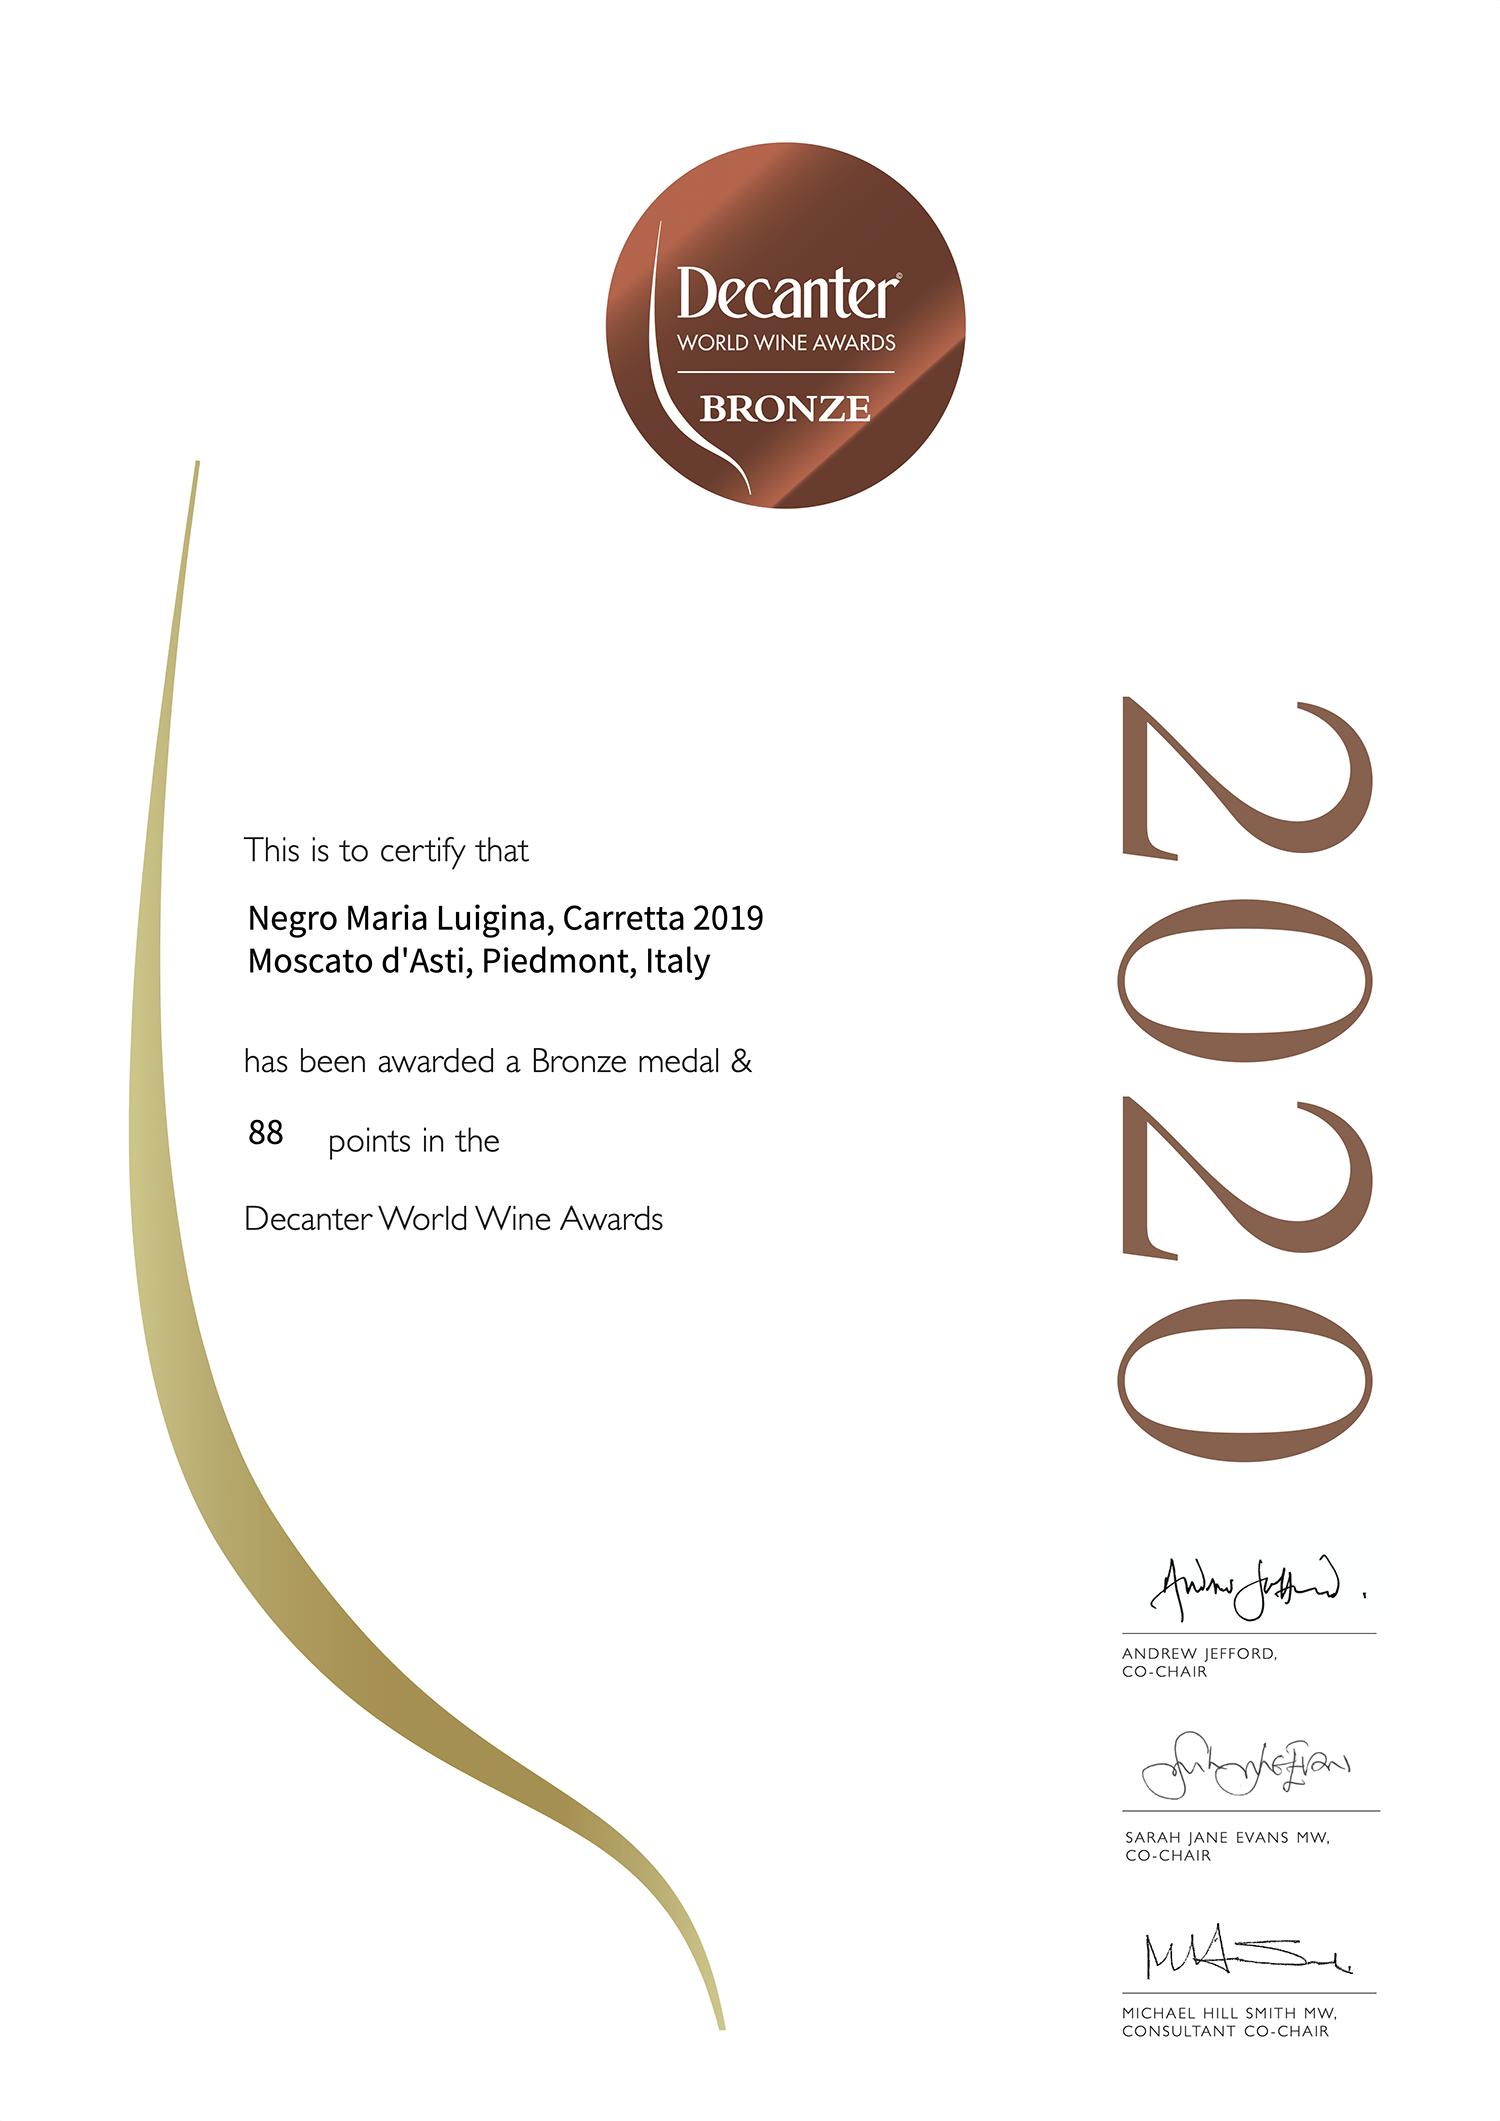 Decanter Bronze 2020 Moscato d'Asti Carretta 2019